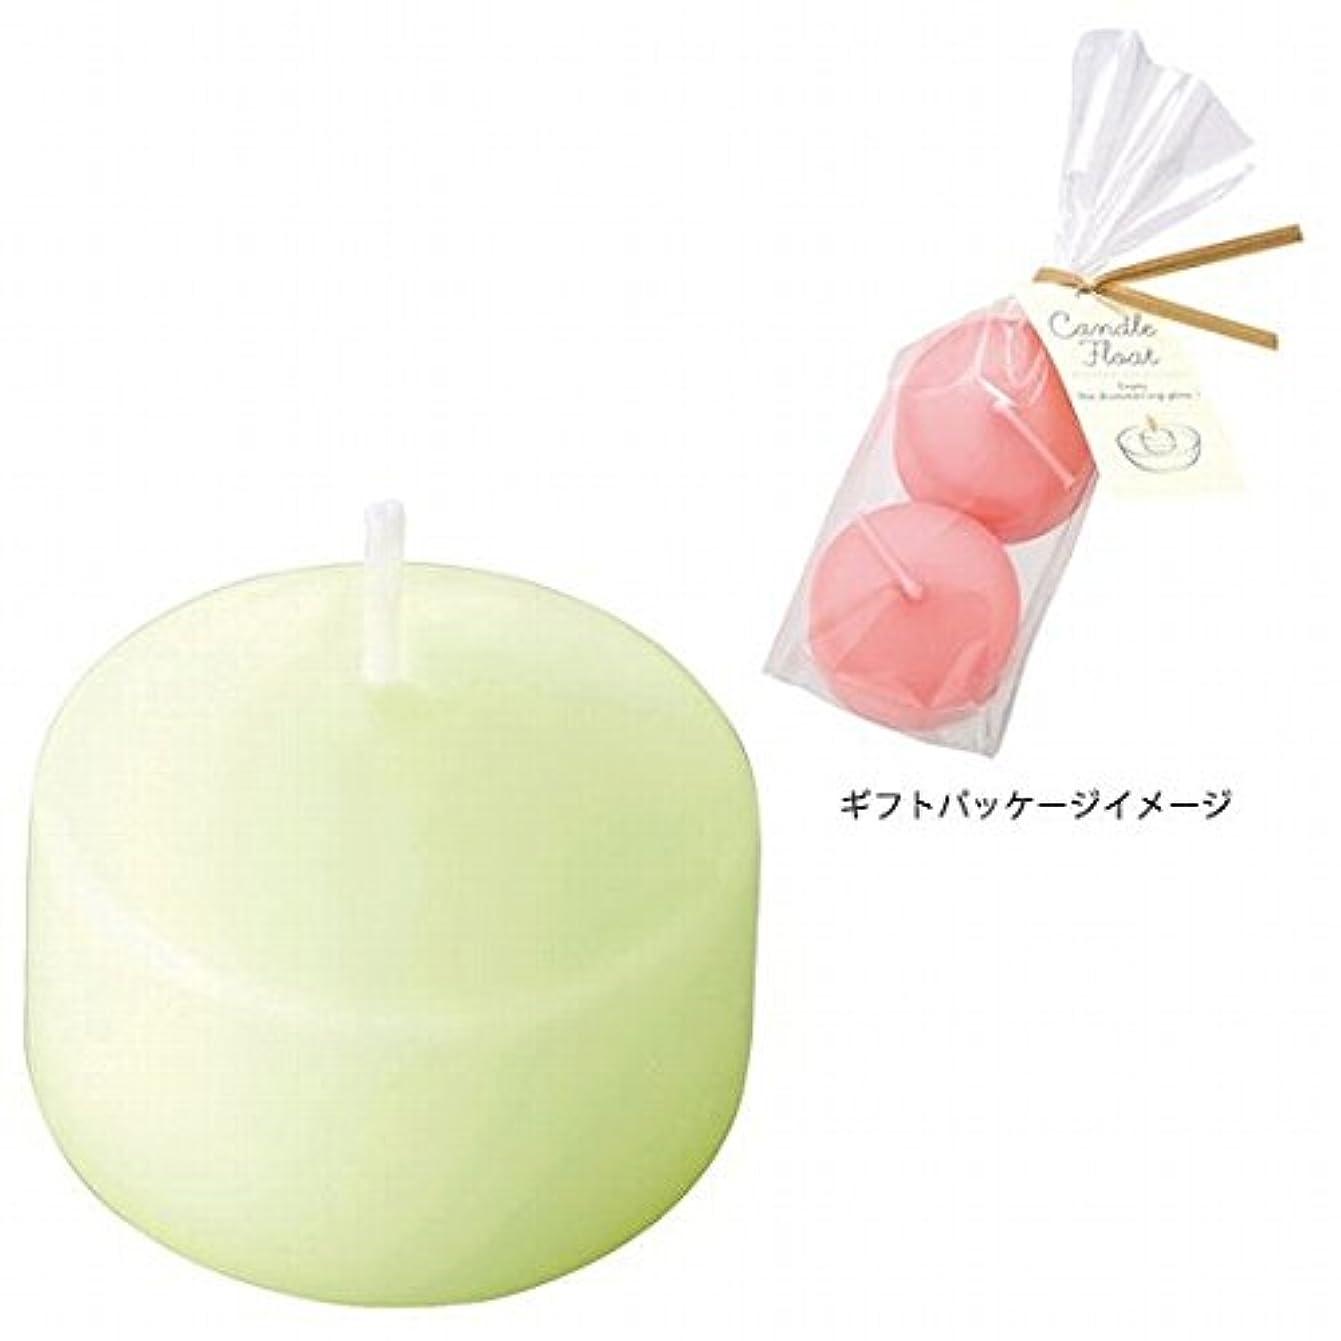 痴漢消防士魅力カメヤマキャンドル(kameyama candle) ハッピープール(2個入り) キャンドル 「ホワイトグリーン」